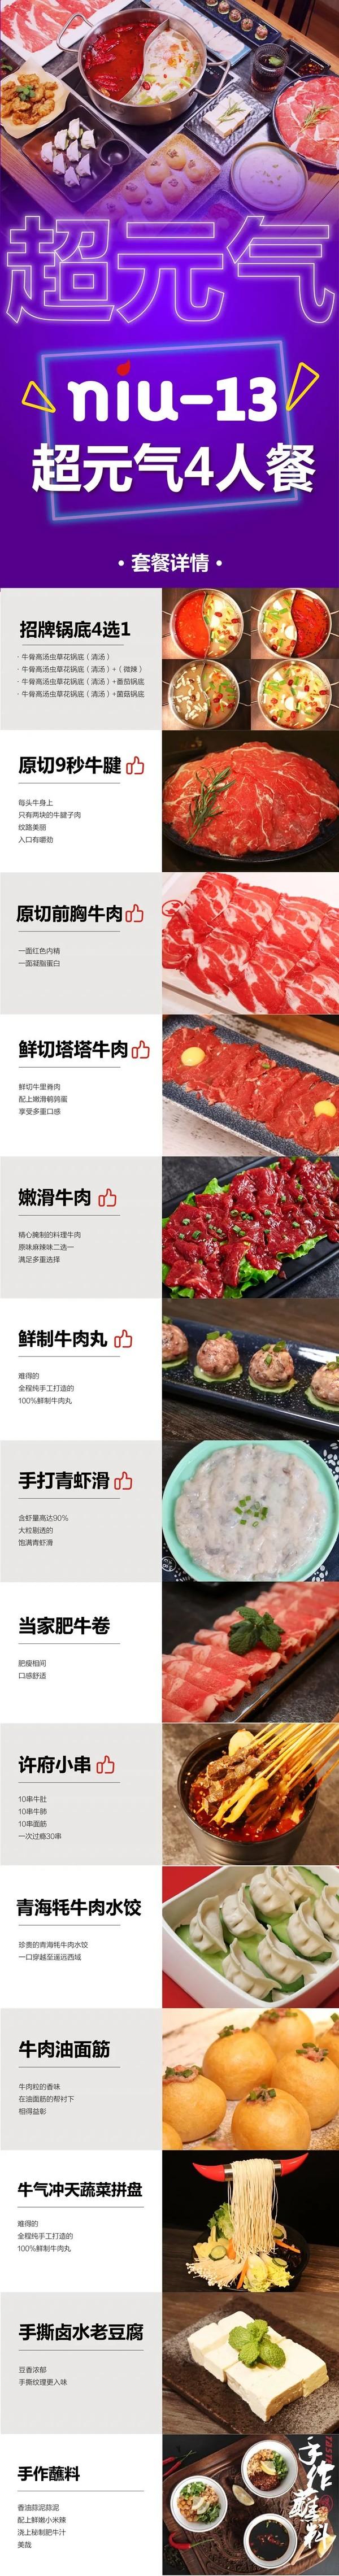 杭州许府牛火锅 45店通用,4种锅底任选,1次吃到8种牛肉!